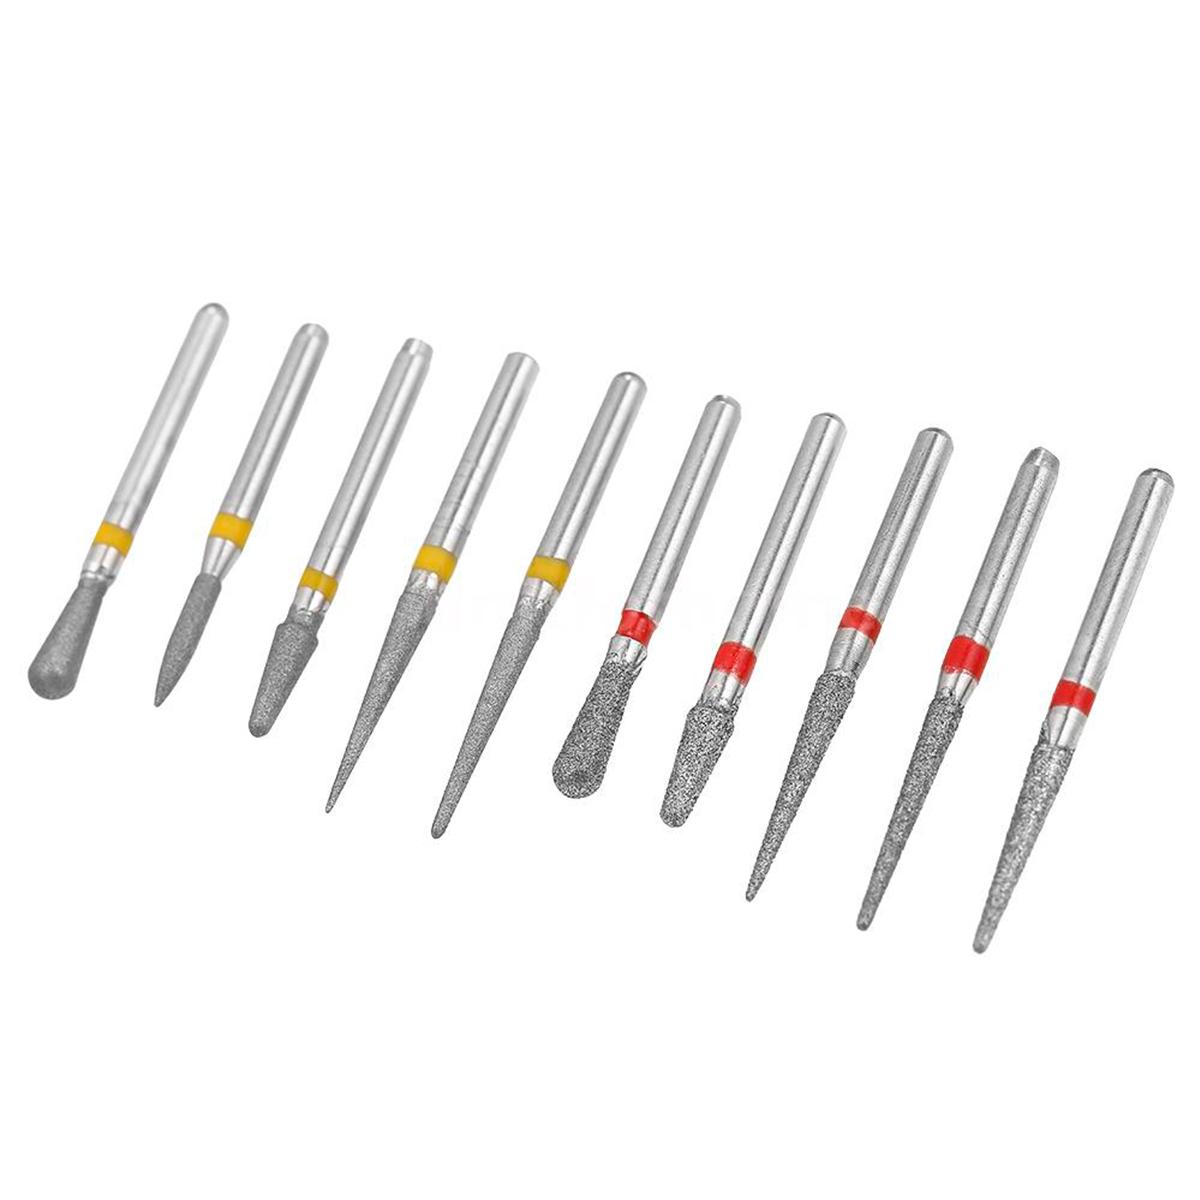 Dental drill bits